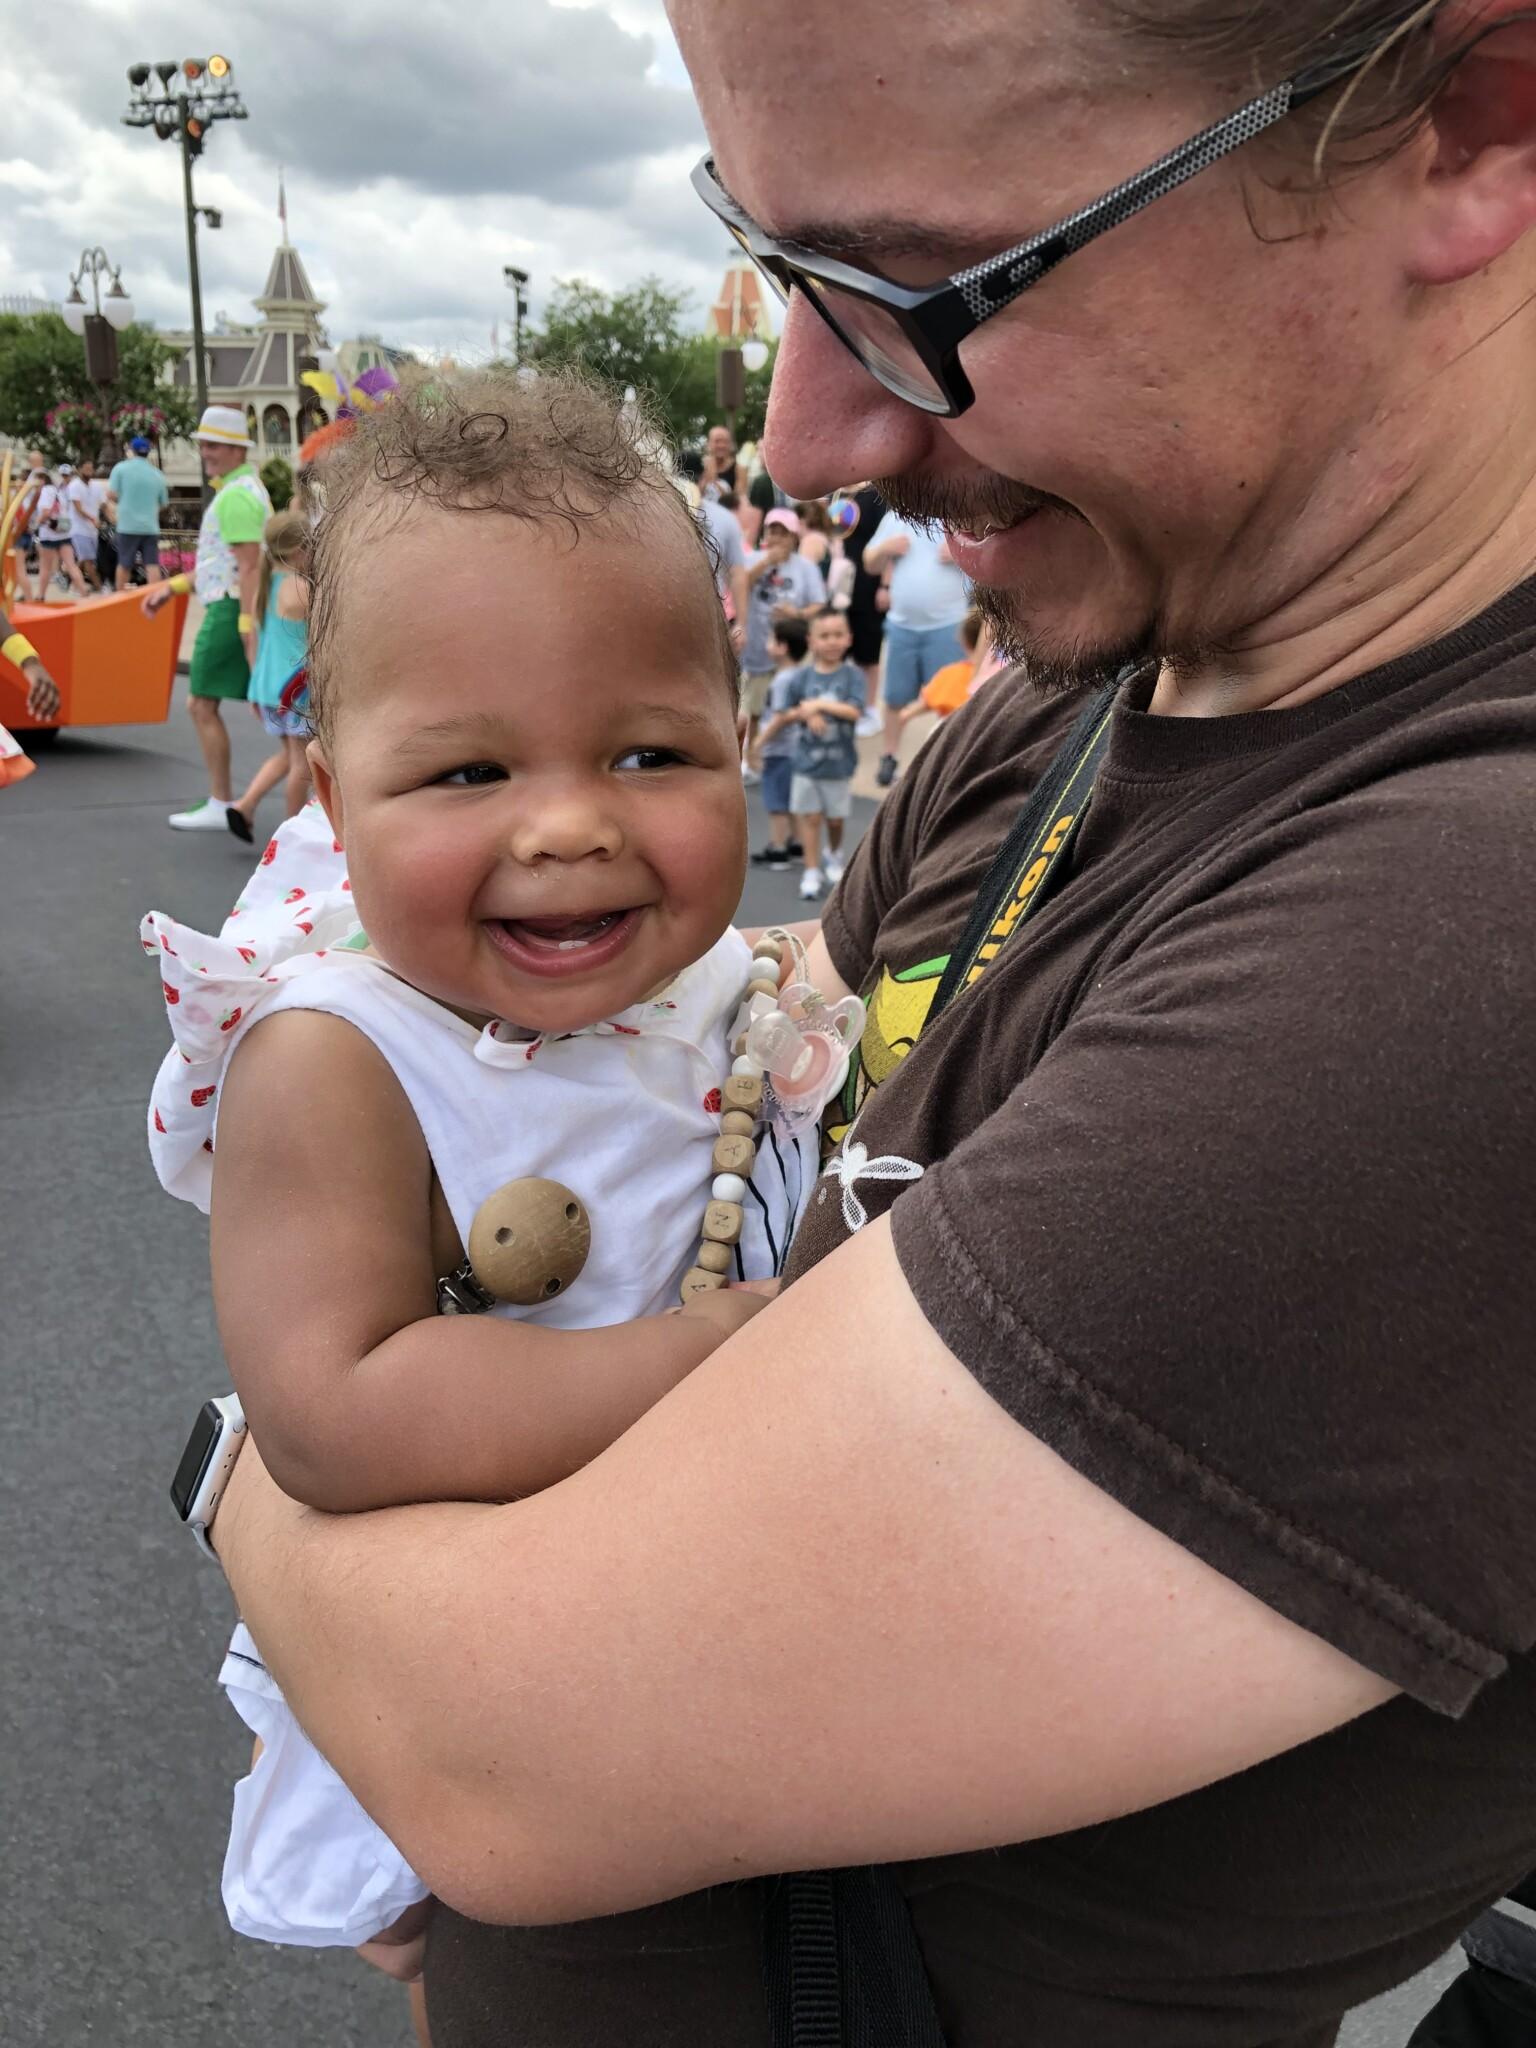 2 semaines en Floride avec un bébé de 1 an - Séjour du 2 au 16 mai 2019 DCL + WDW - Page 15 IMG_0975-1536x2048